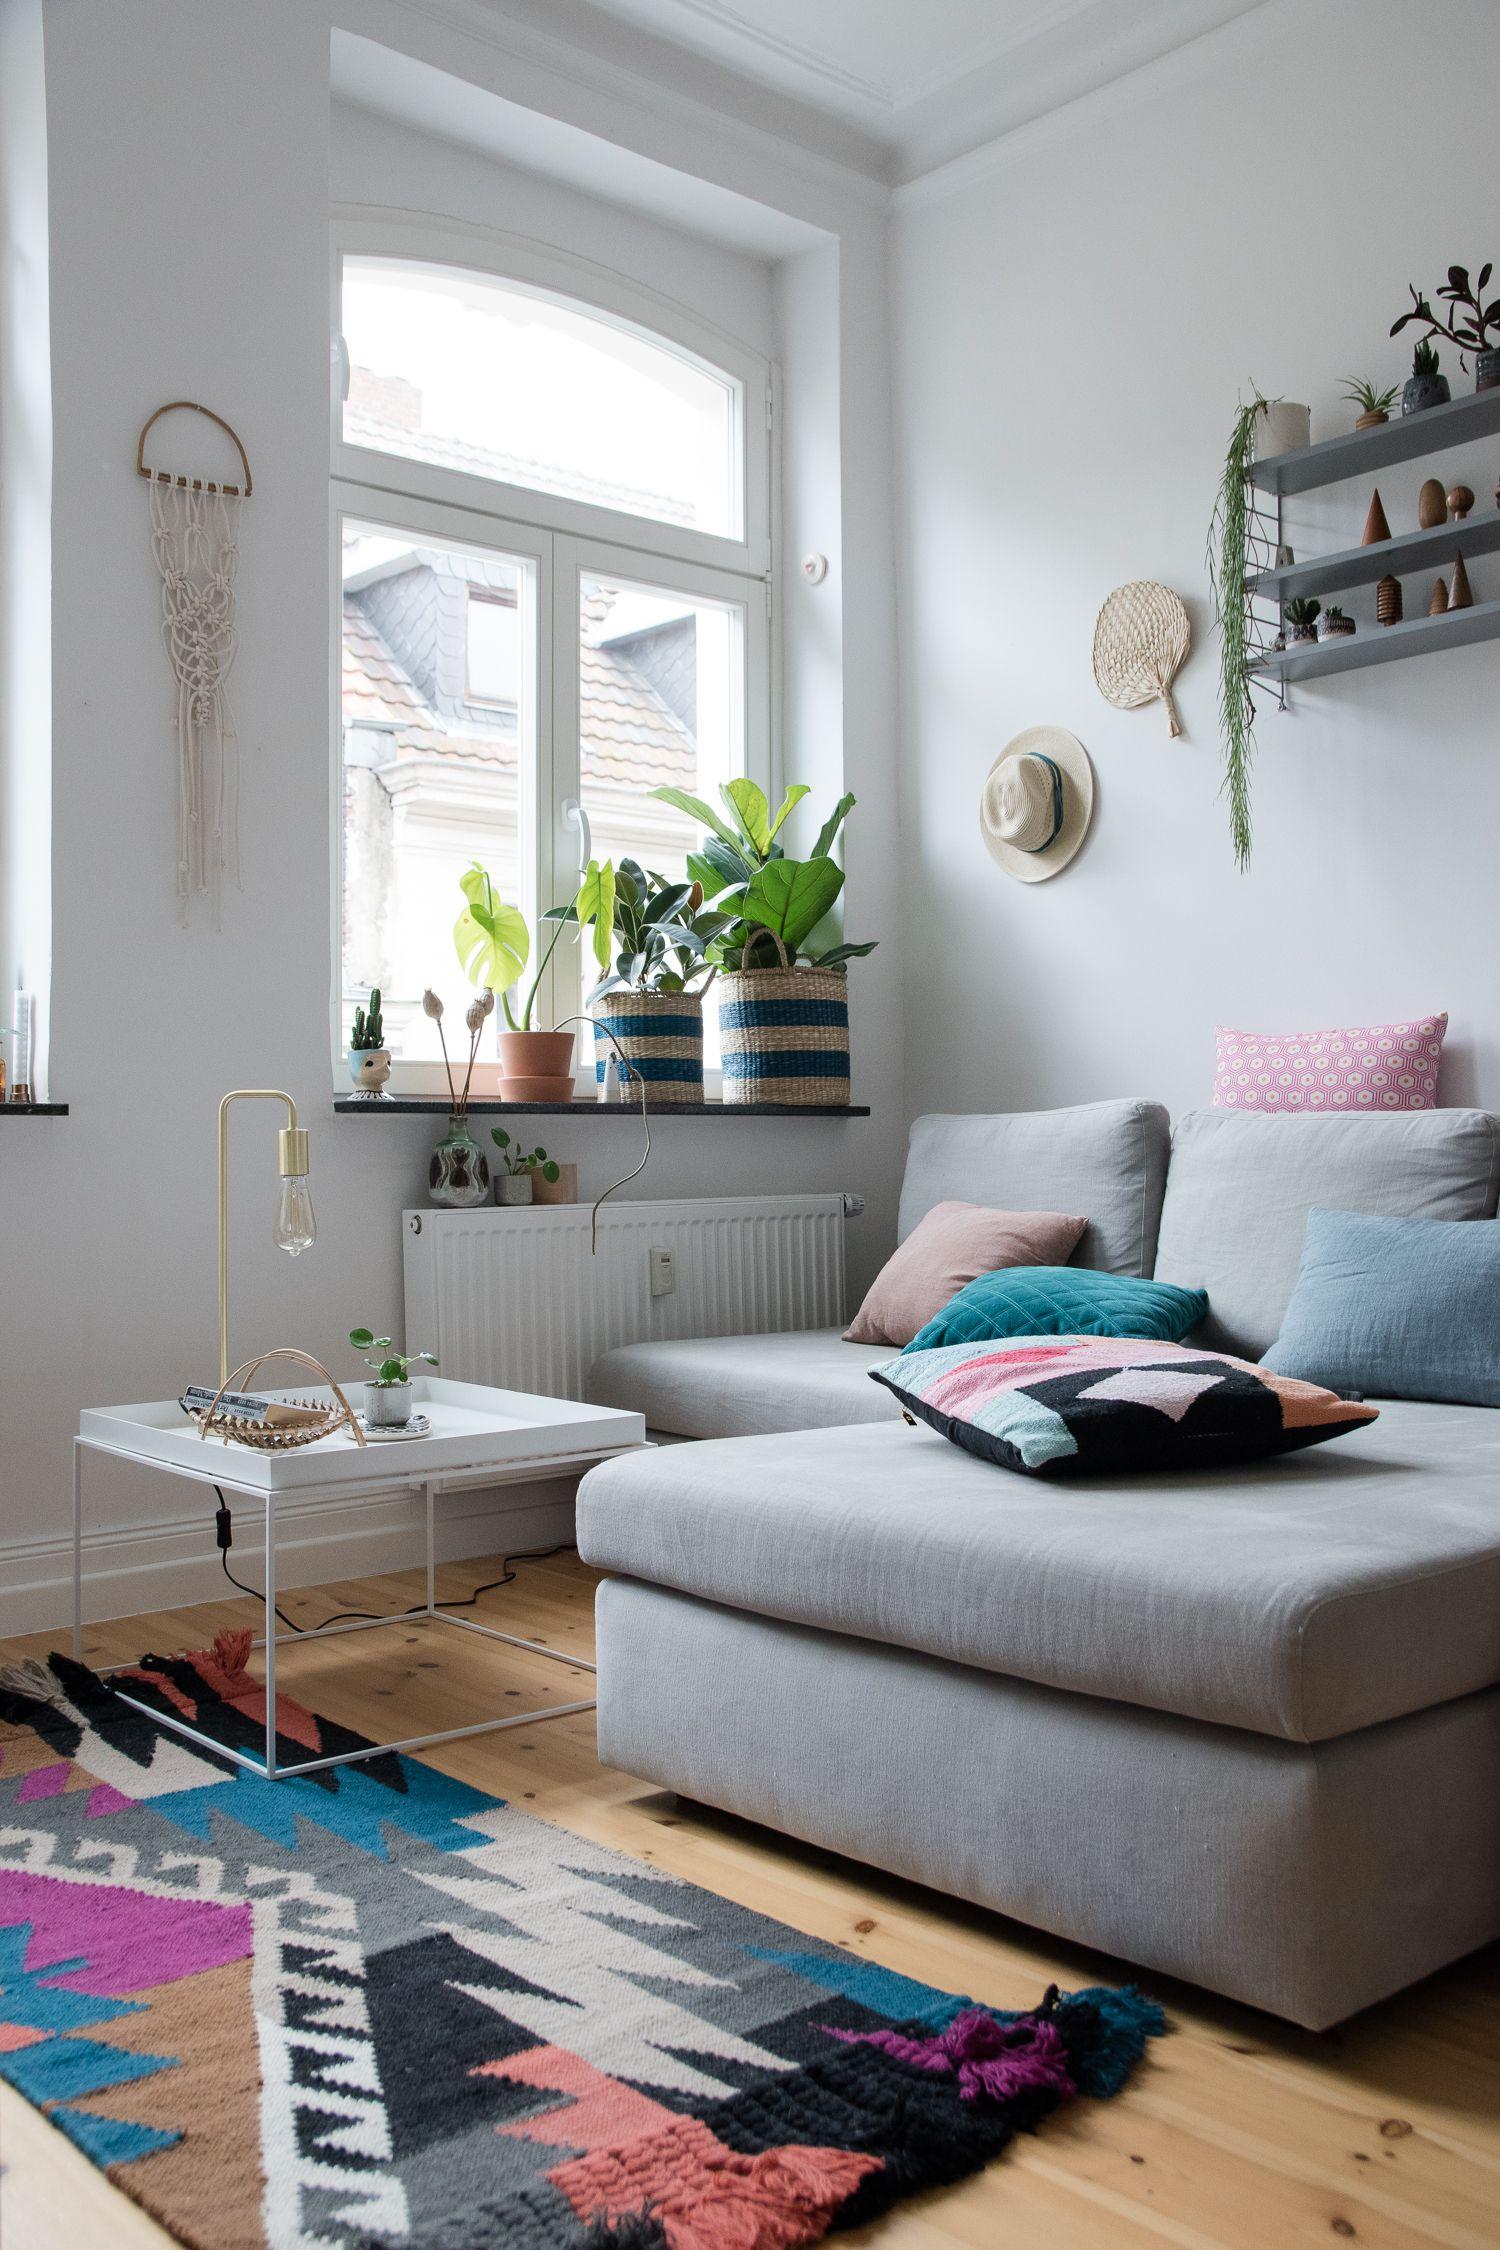 So bringst du den Boho Style in deine Wohnung - 5 Tipps | Wohnraum ...